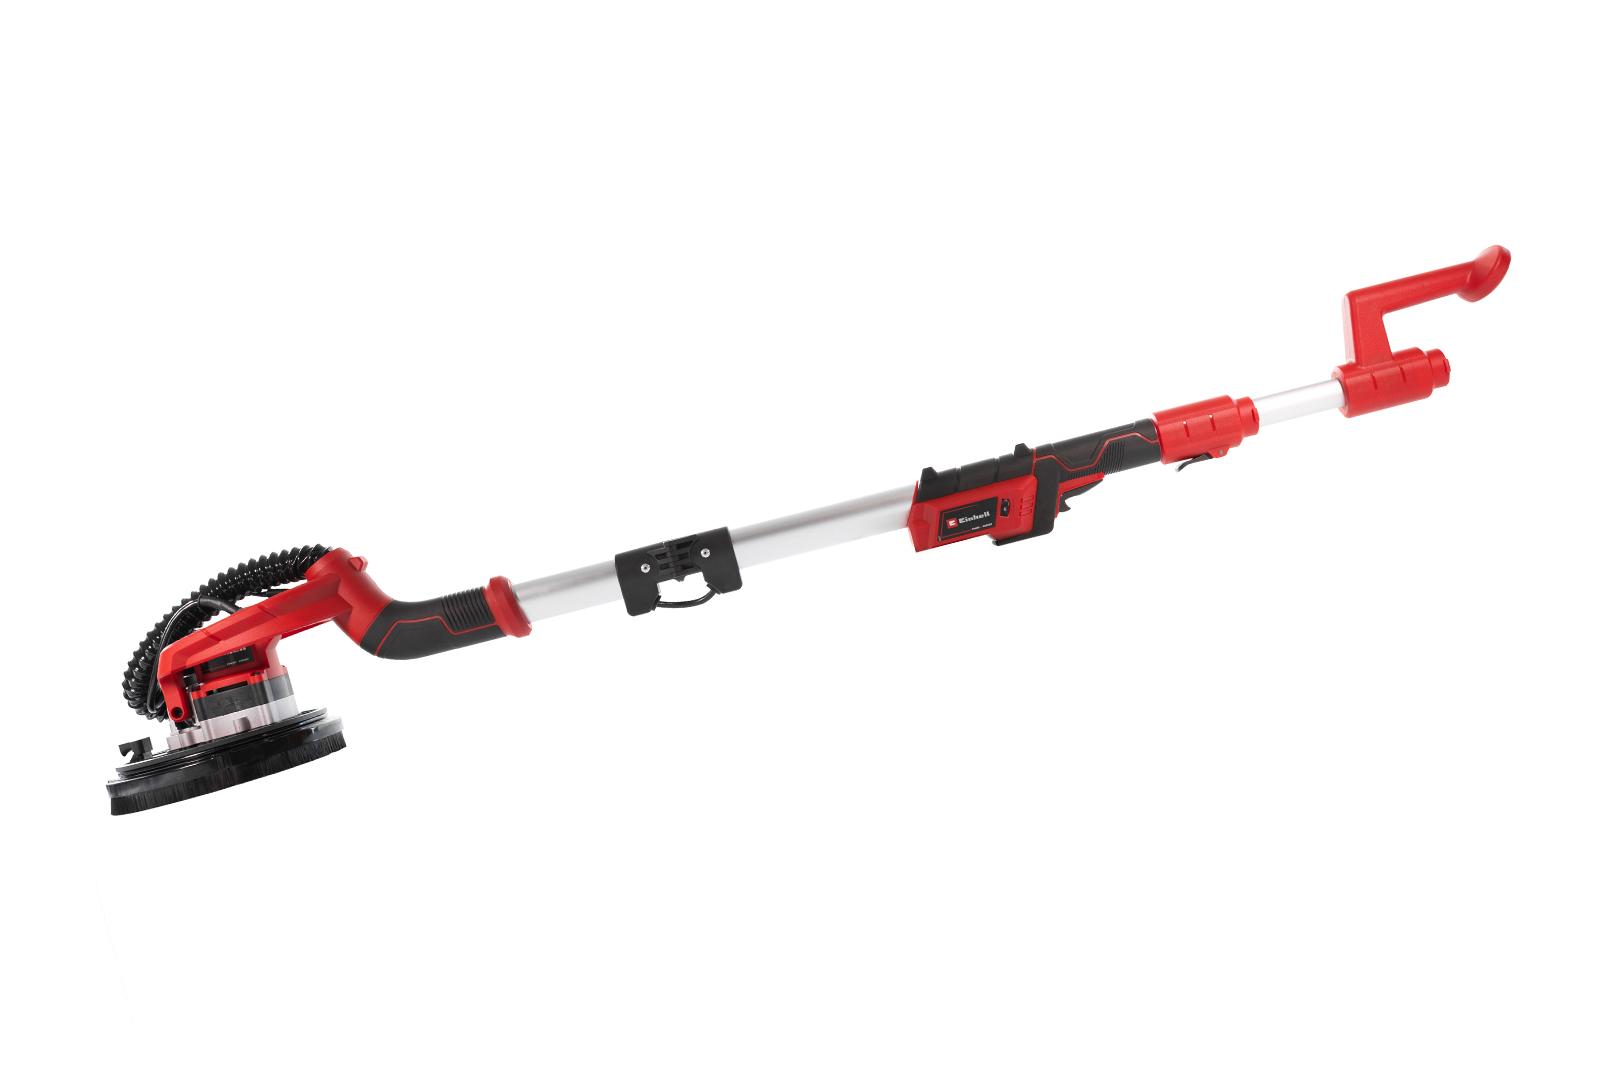 Lixadeira de parede e teto TE-DW 18/225 LI (Bateria não inclusa) - Einhell